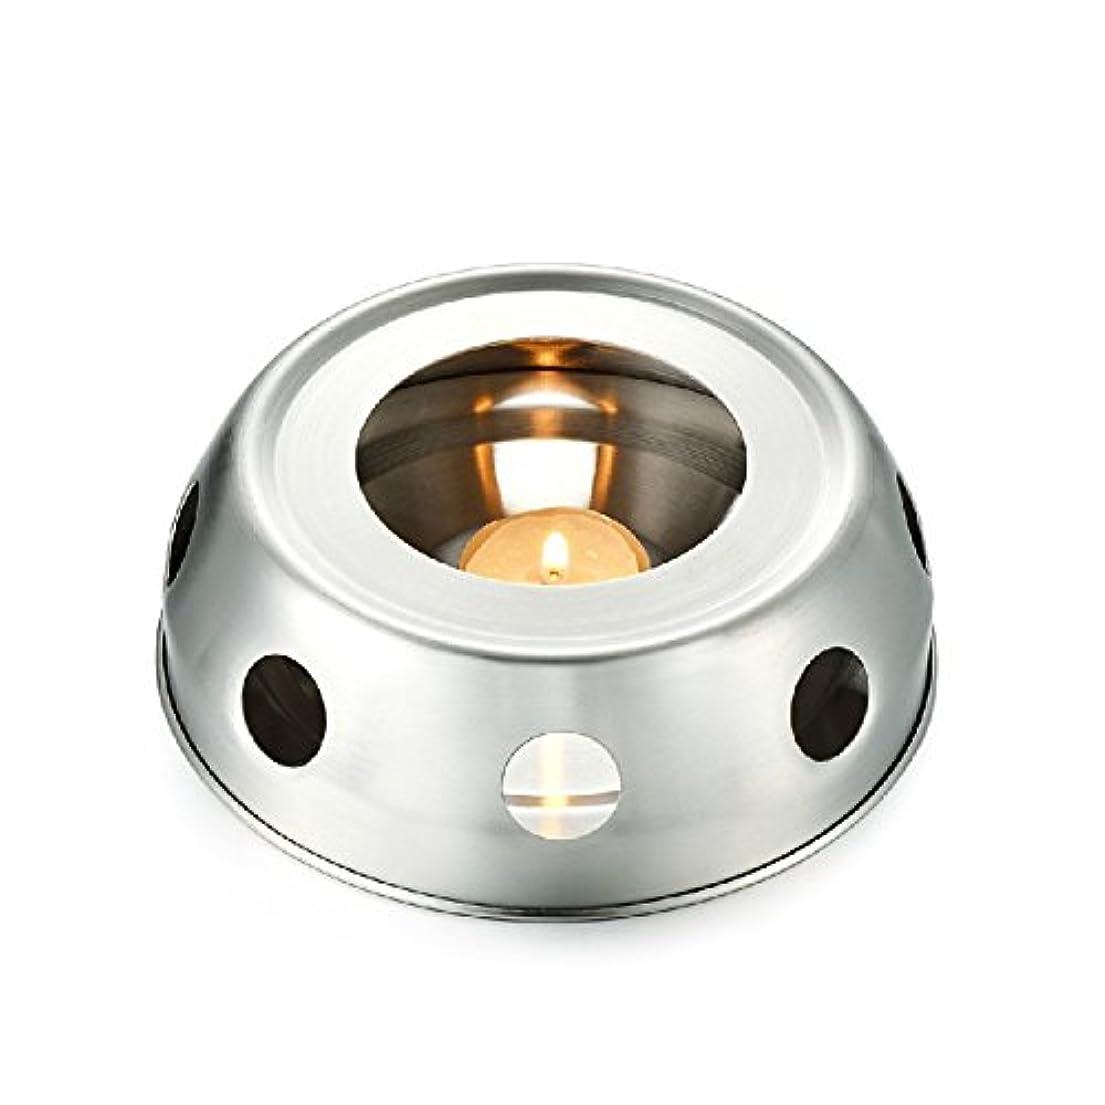 トランスミッション北極圏どこfunnytoday365 Teaヒーター暖房のティーポットincenseplate Essencial OilステンレススチールFurnace Candleヒーターストーブ